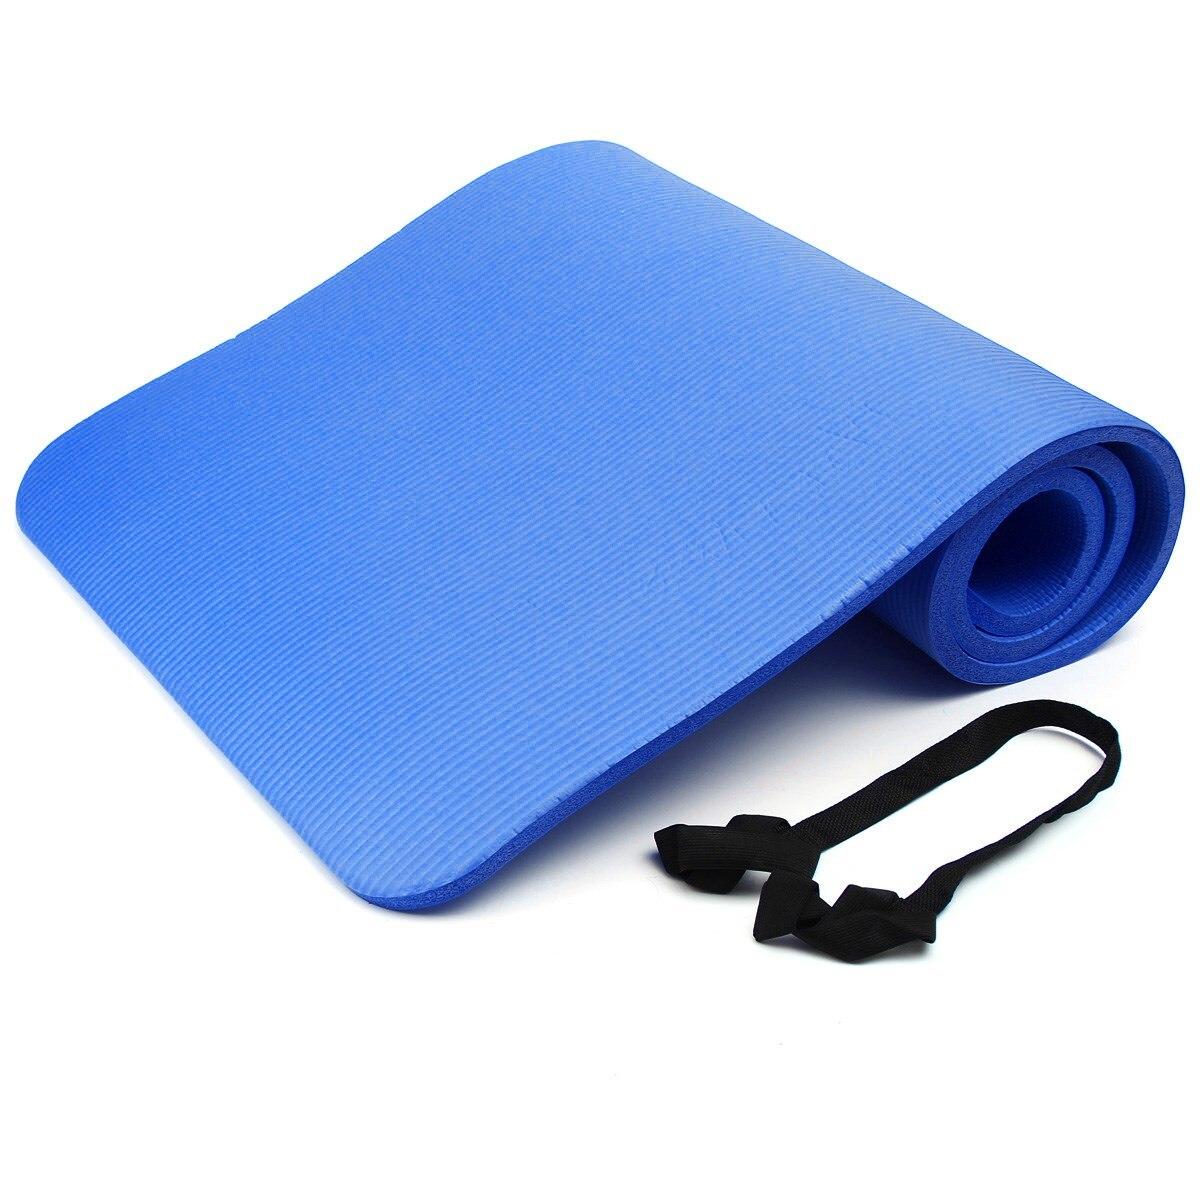 15mm Thick Nbr Foam Yoga Mat Soft Yoga Pads Sports